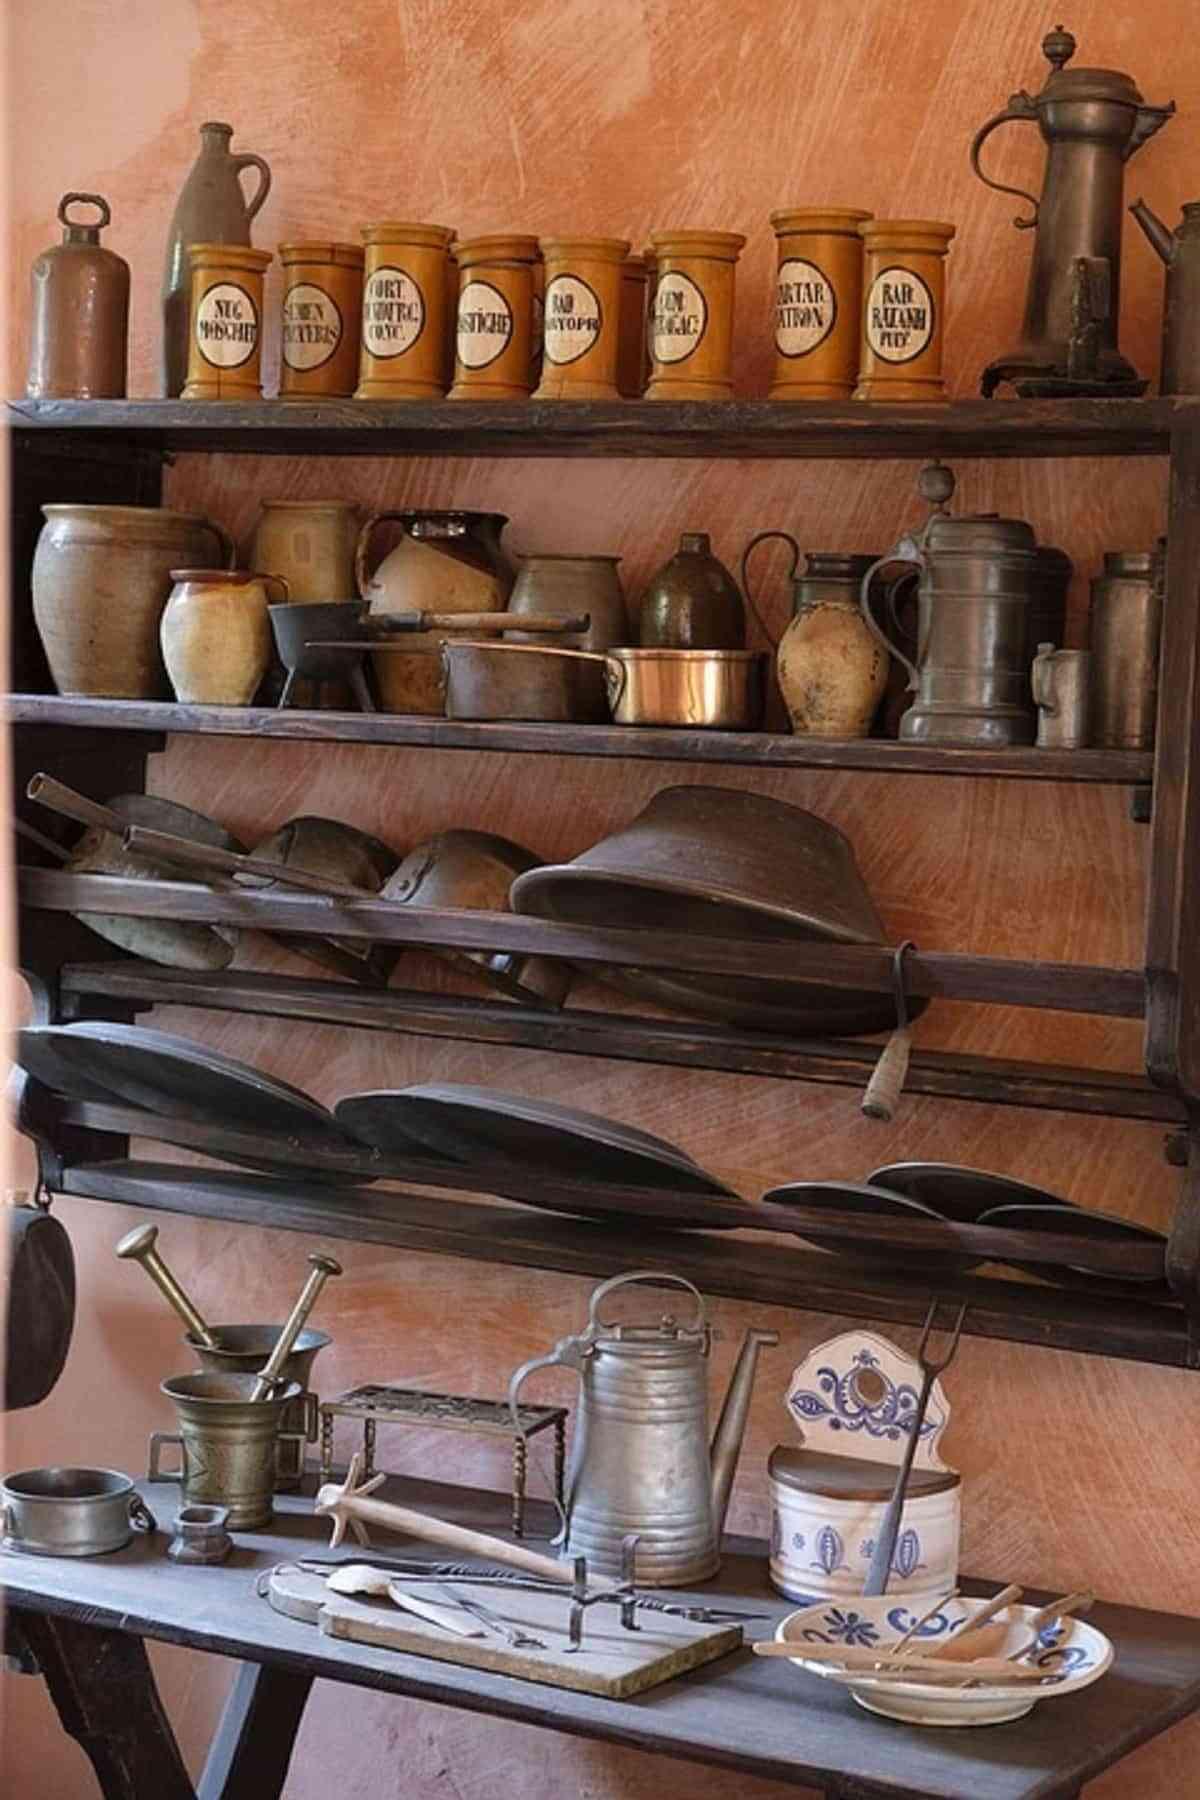 Es fundamental el orden y organización en la cocina para aprovechar el espacio al máximo.